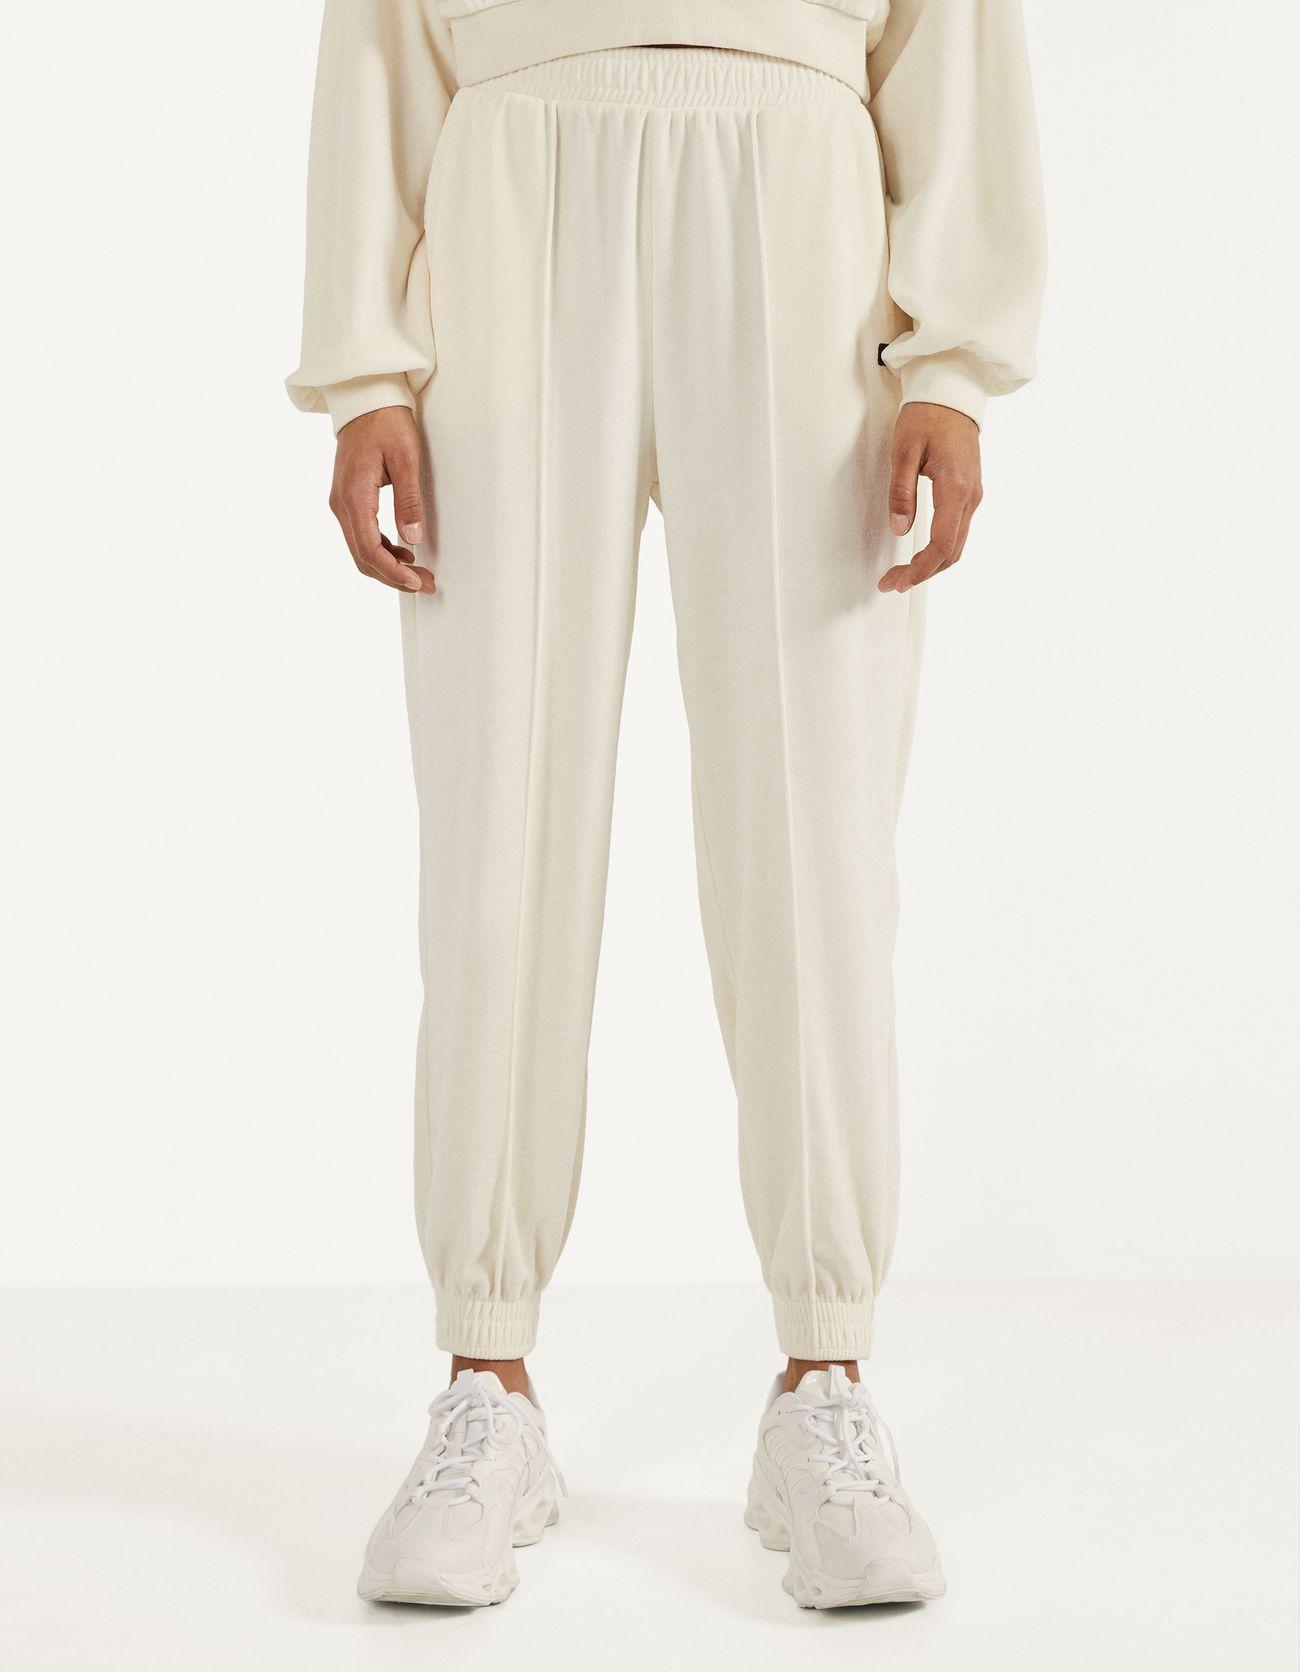 Velvet jogging trousers